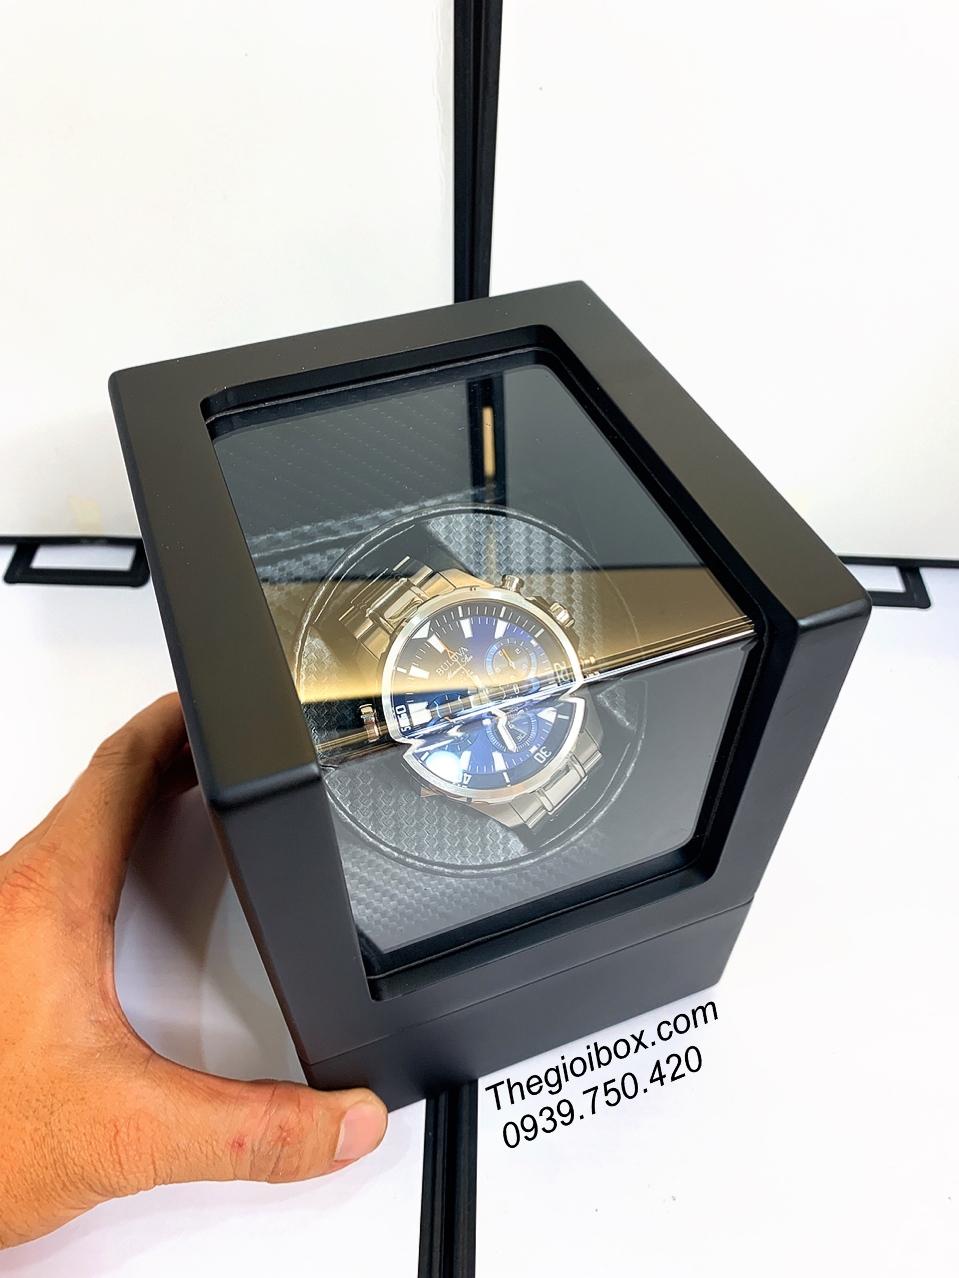 hộp xoay 1 đồng hồ cơ vỏ bằng gỗ màu đen sang trọng